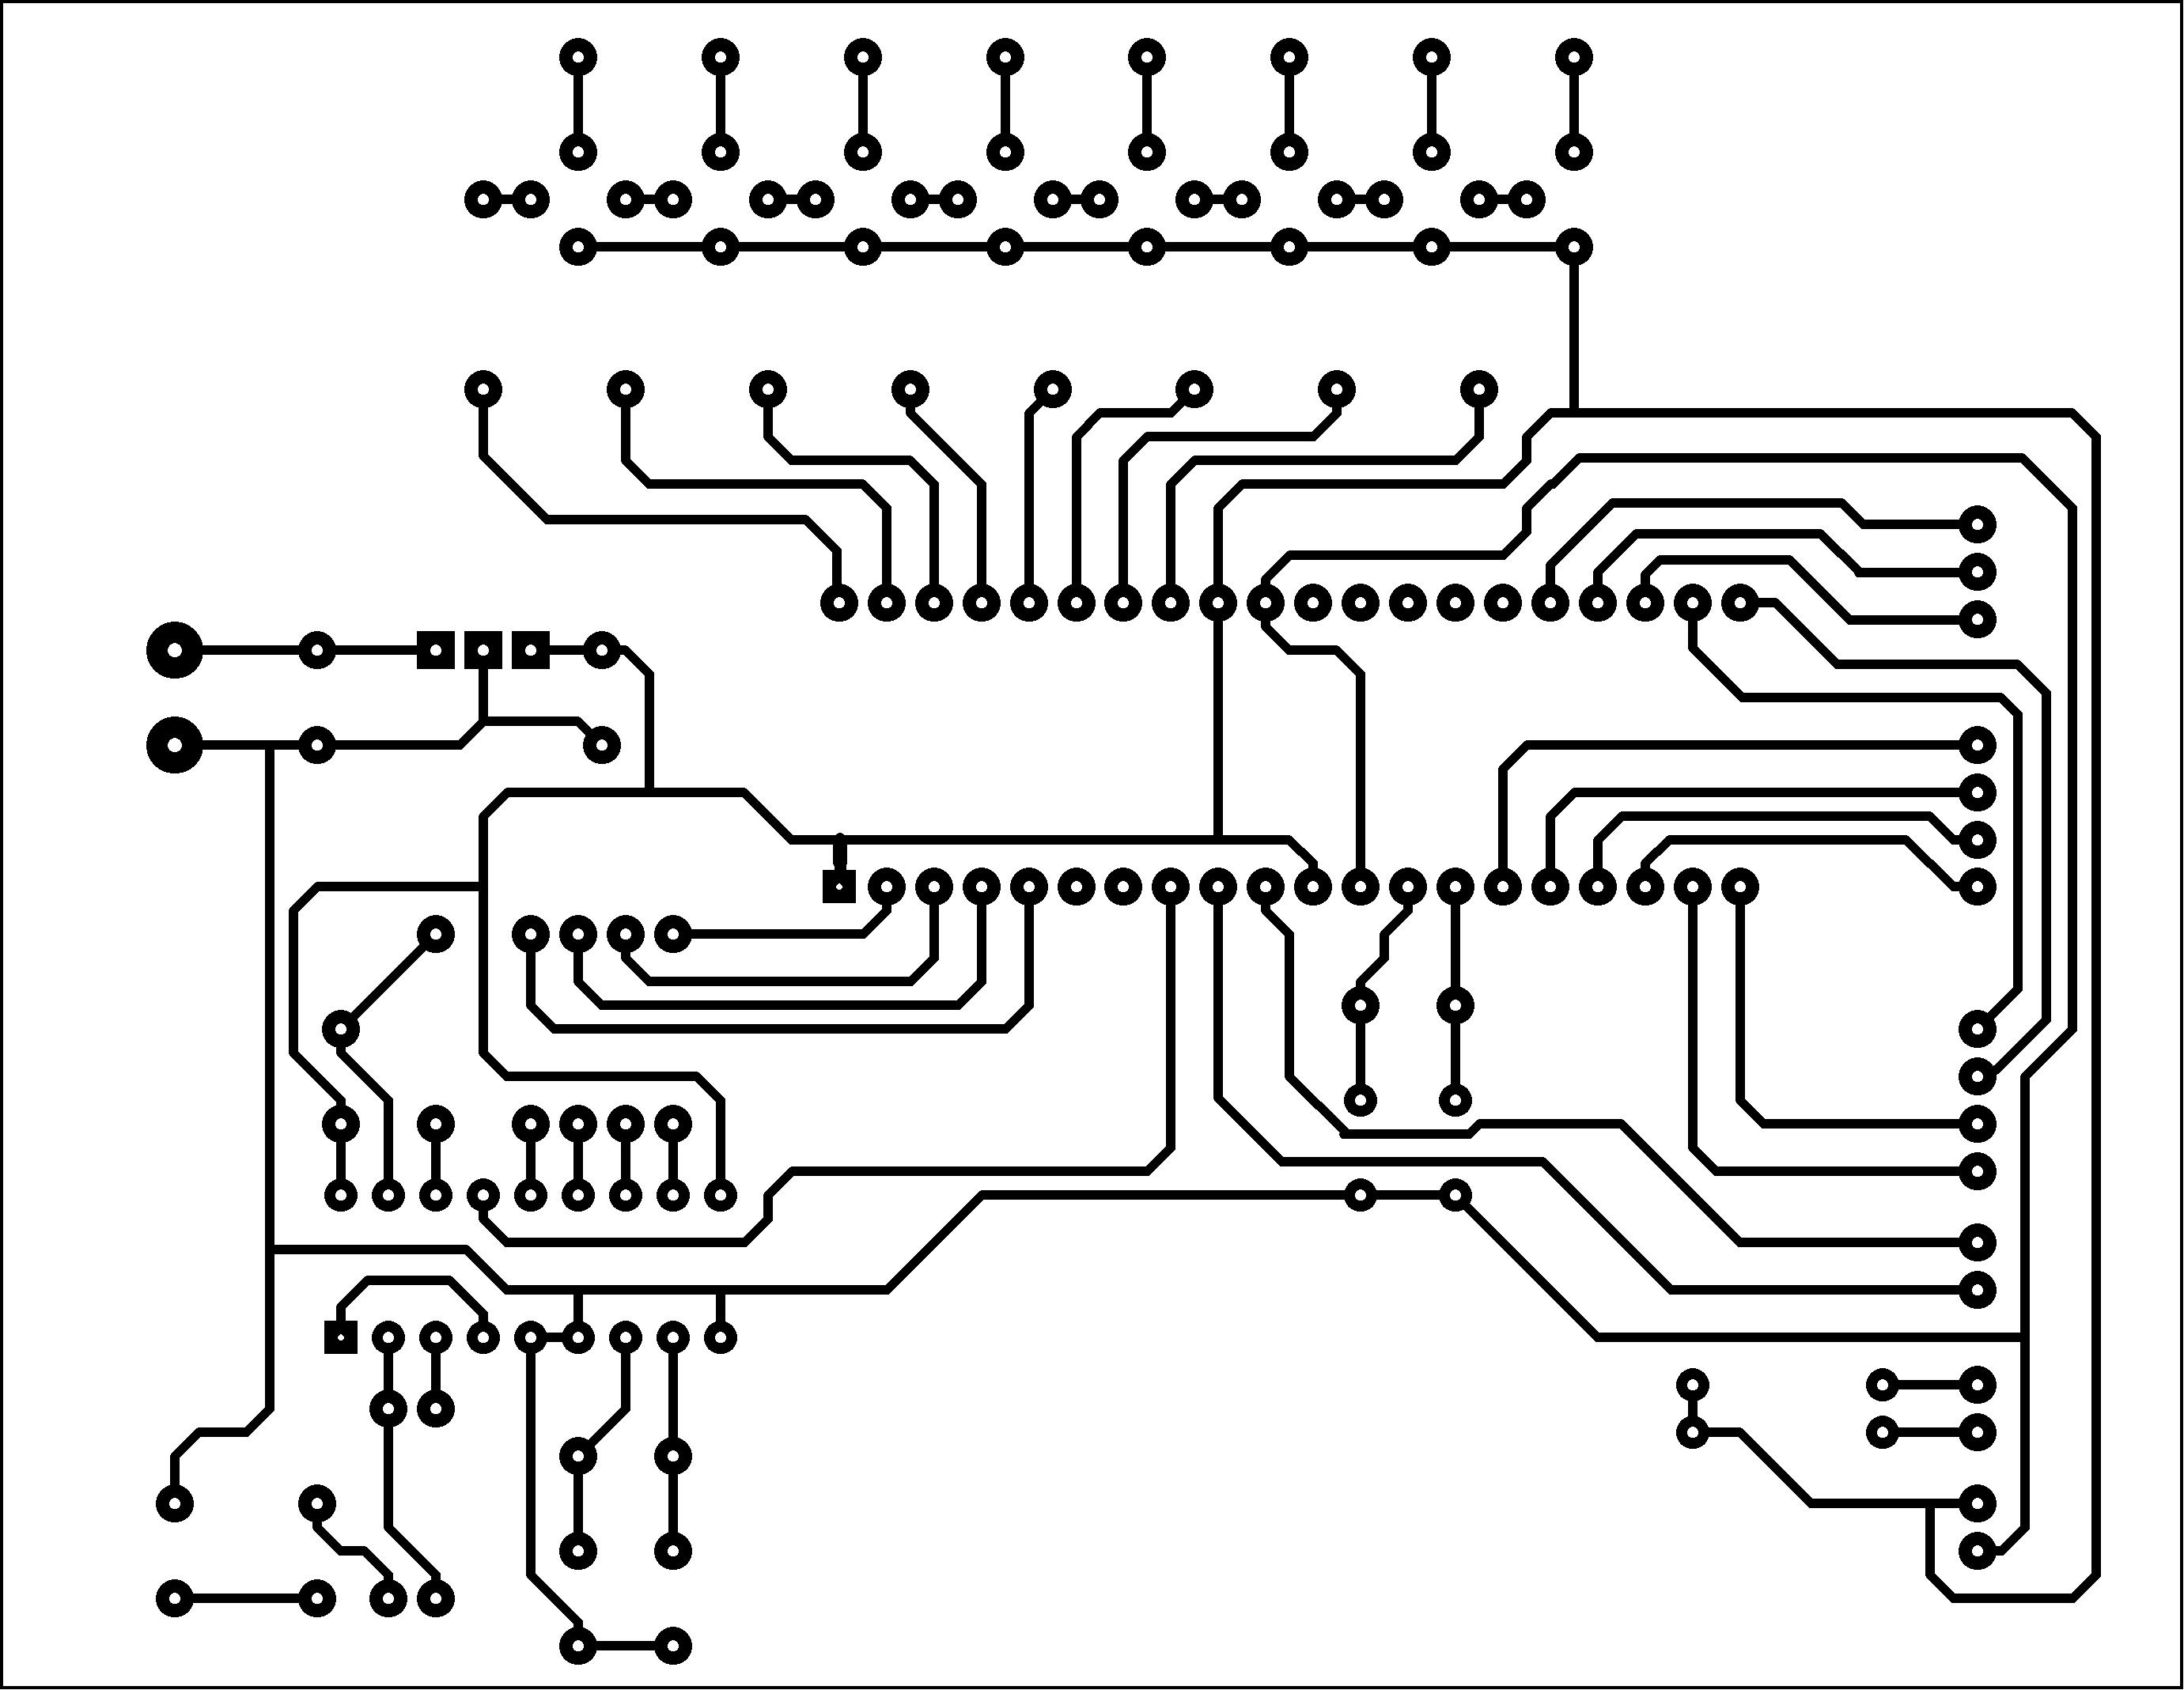 dtmf tonlu cihaz kontrol u00fc  u2013 elektronik devreler projeler